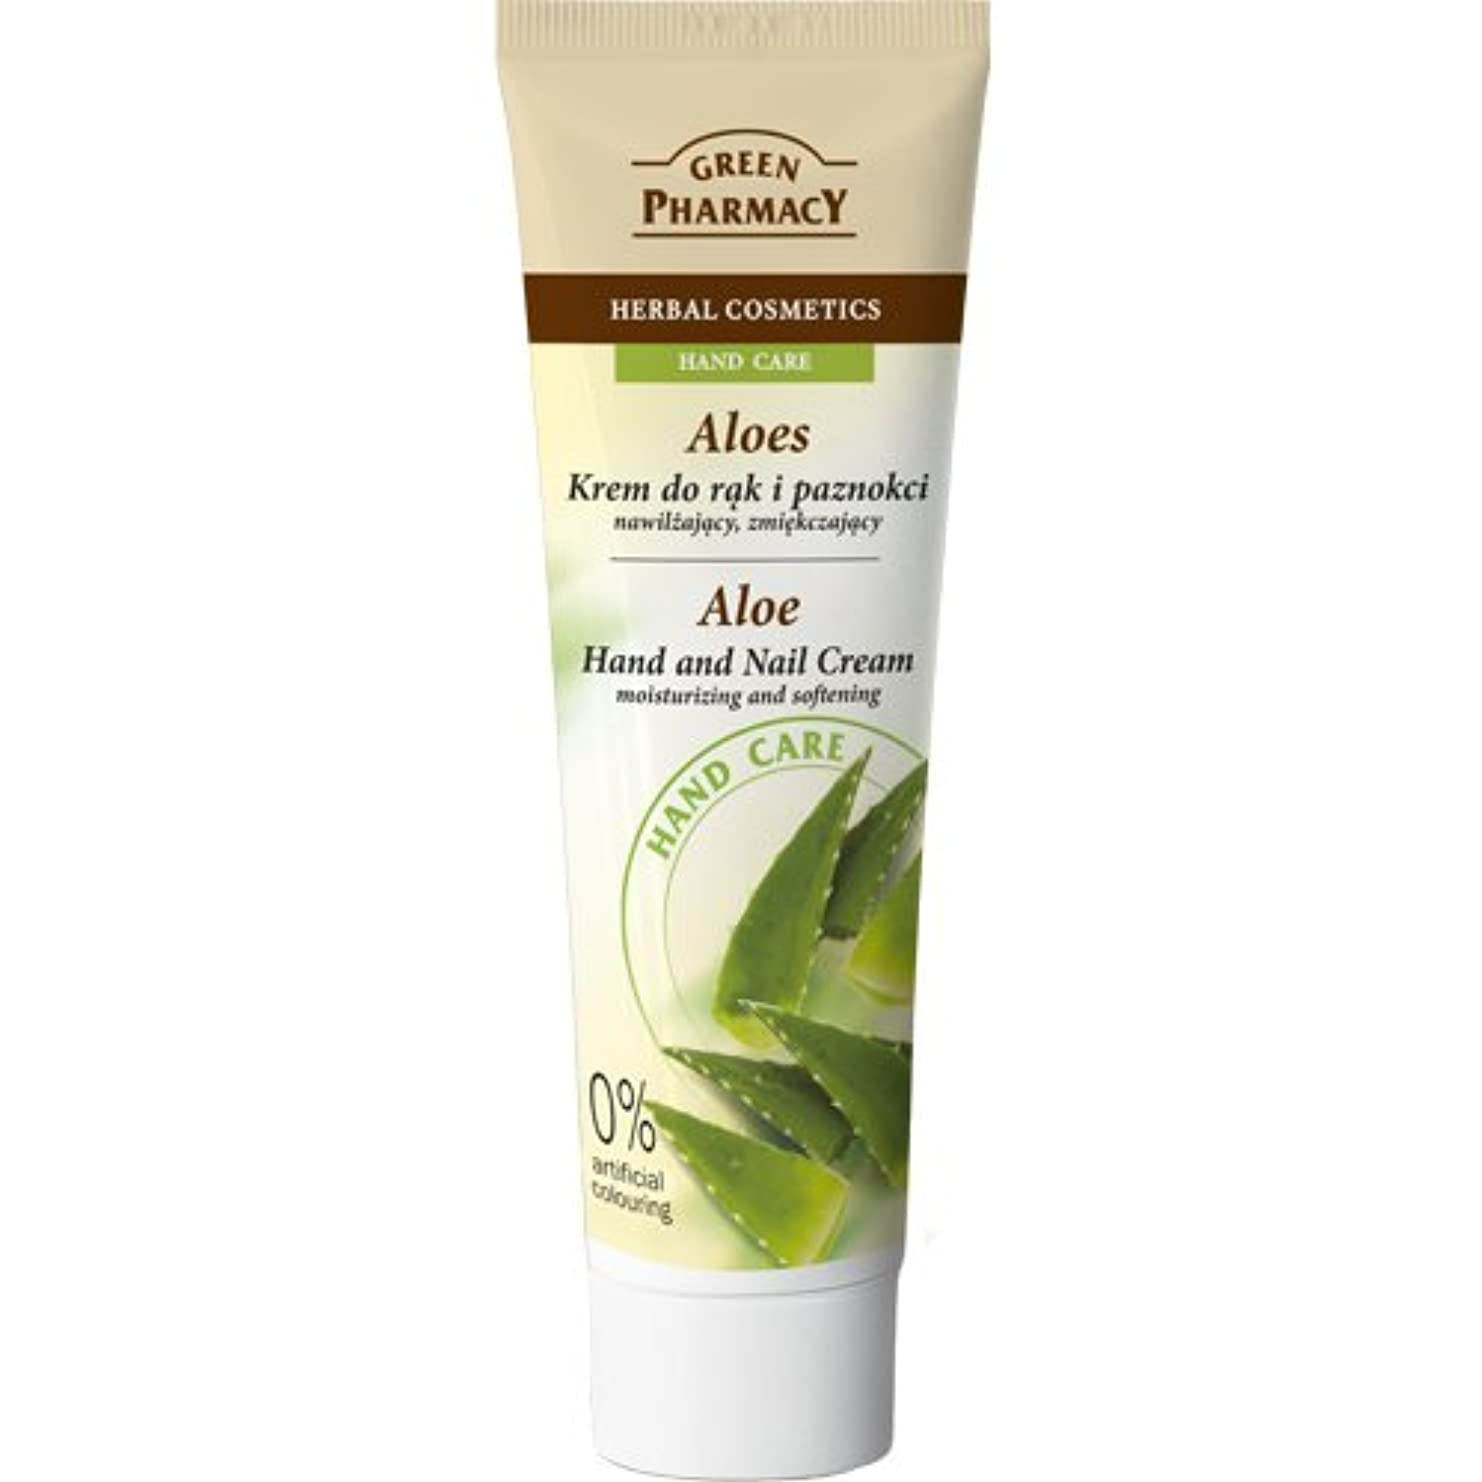 ペチュランスわがまま暫定Elfa Pharm Green Pharmacy グリーンファーマシー Hand&Nail Cream ハンド&ネイルクリーム Aloe アロエ